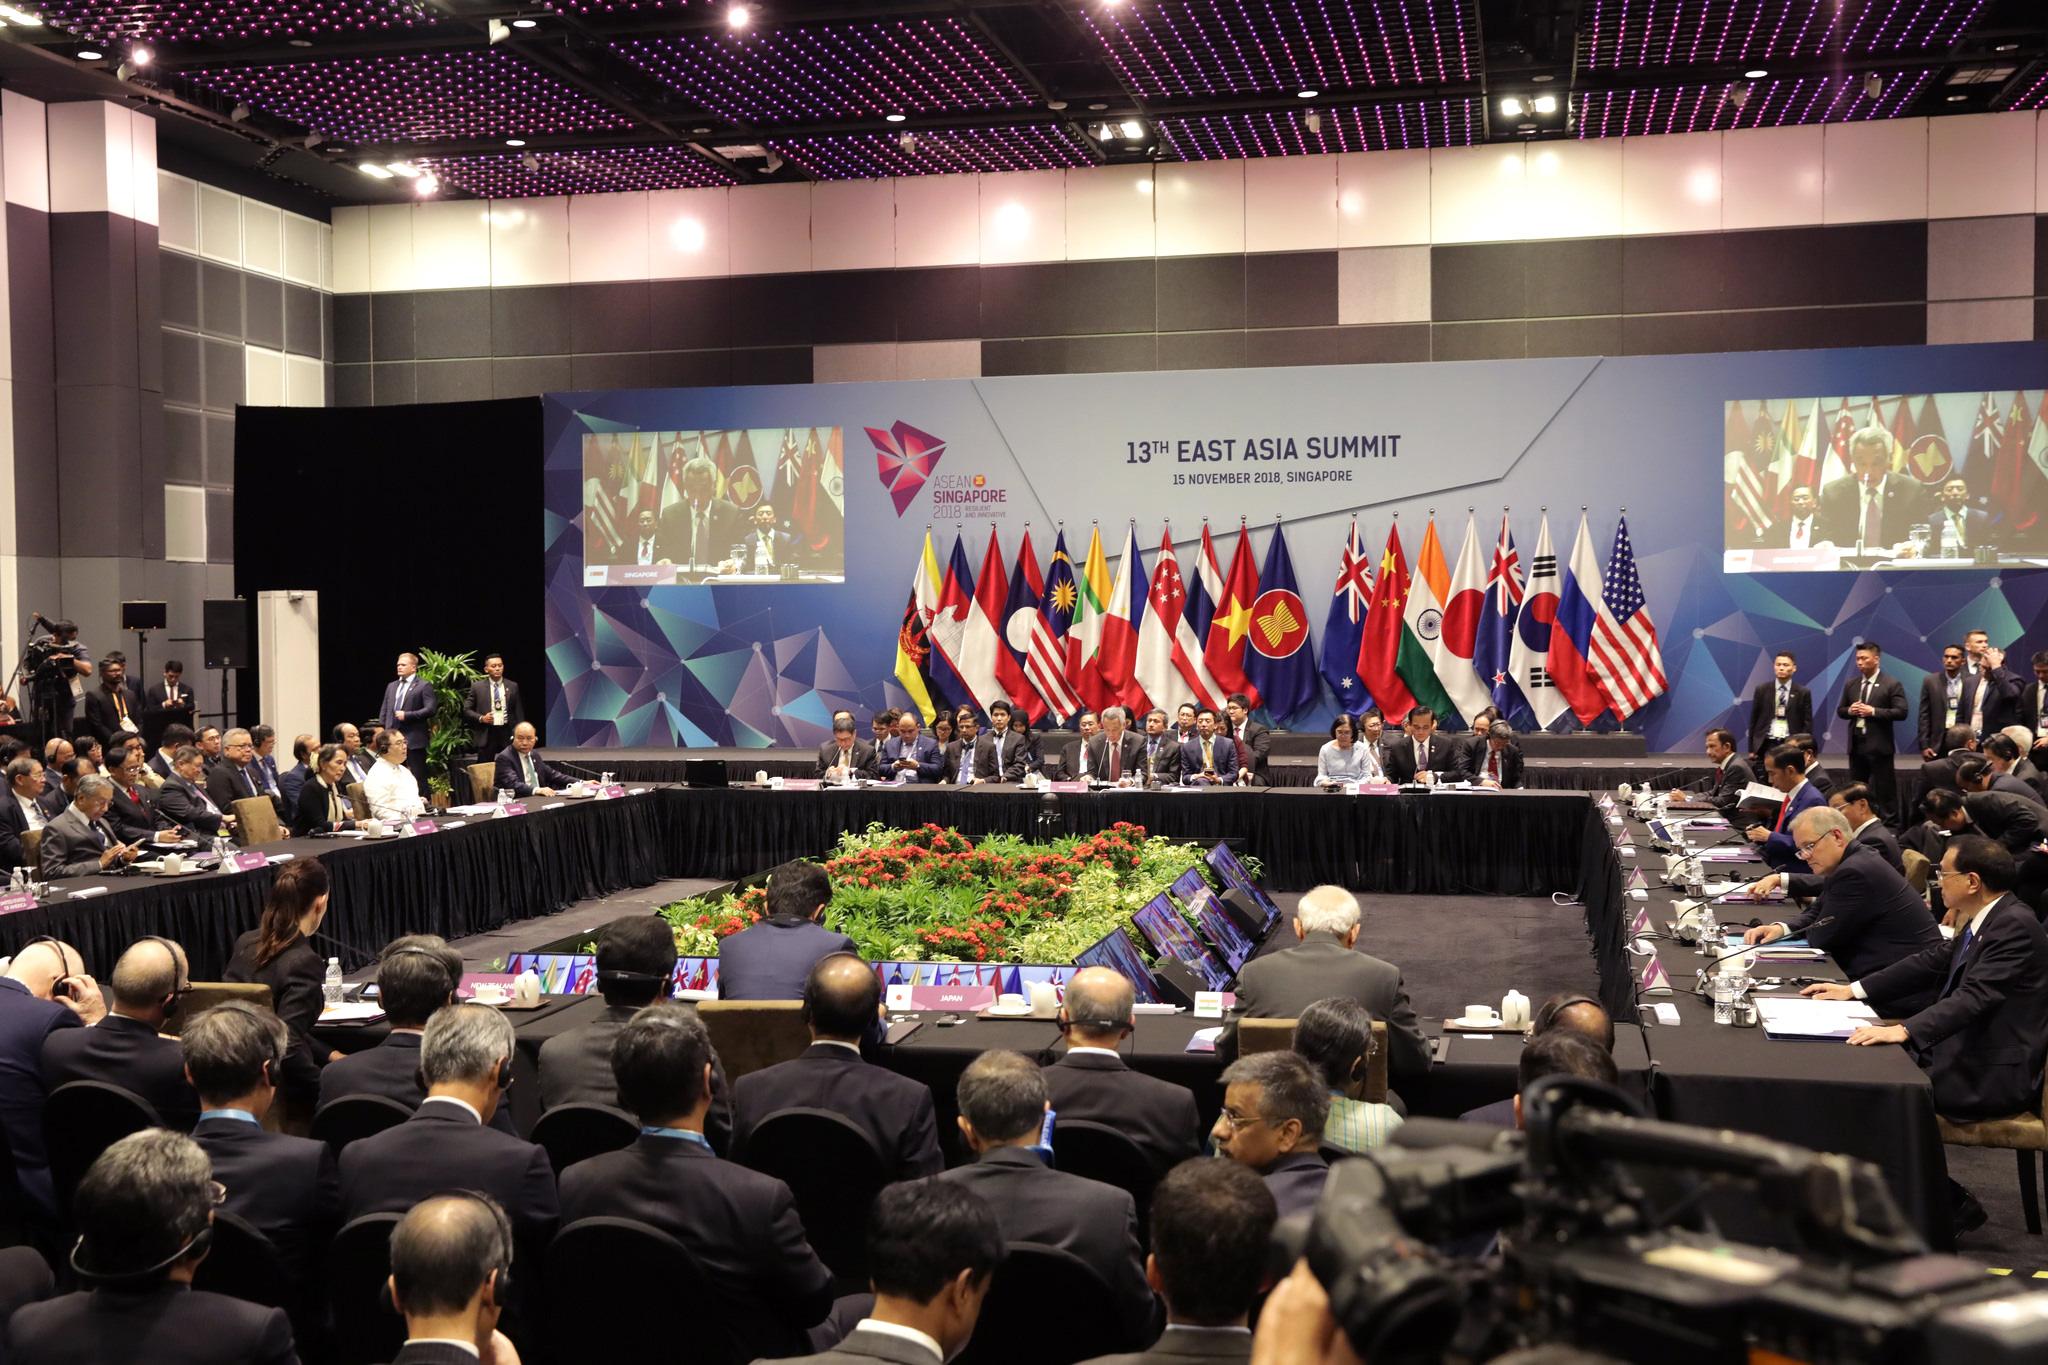 ĐS Phạm Quang Vinh kể về thăng trầm ASEAN: Vụ tàu TQ 2 lần cắt cáp của Việt Nam, bức ảnh thất vọng ở Campuchia và lời kêu gọi thức tỉnh - Ảnh 13.